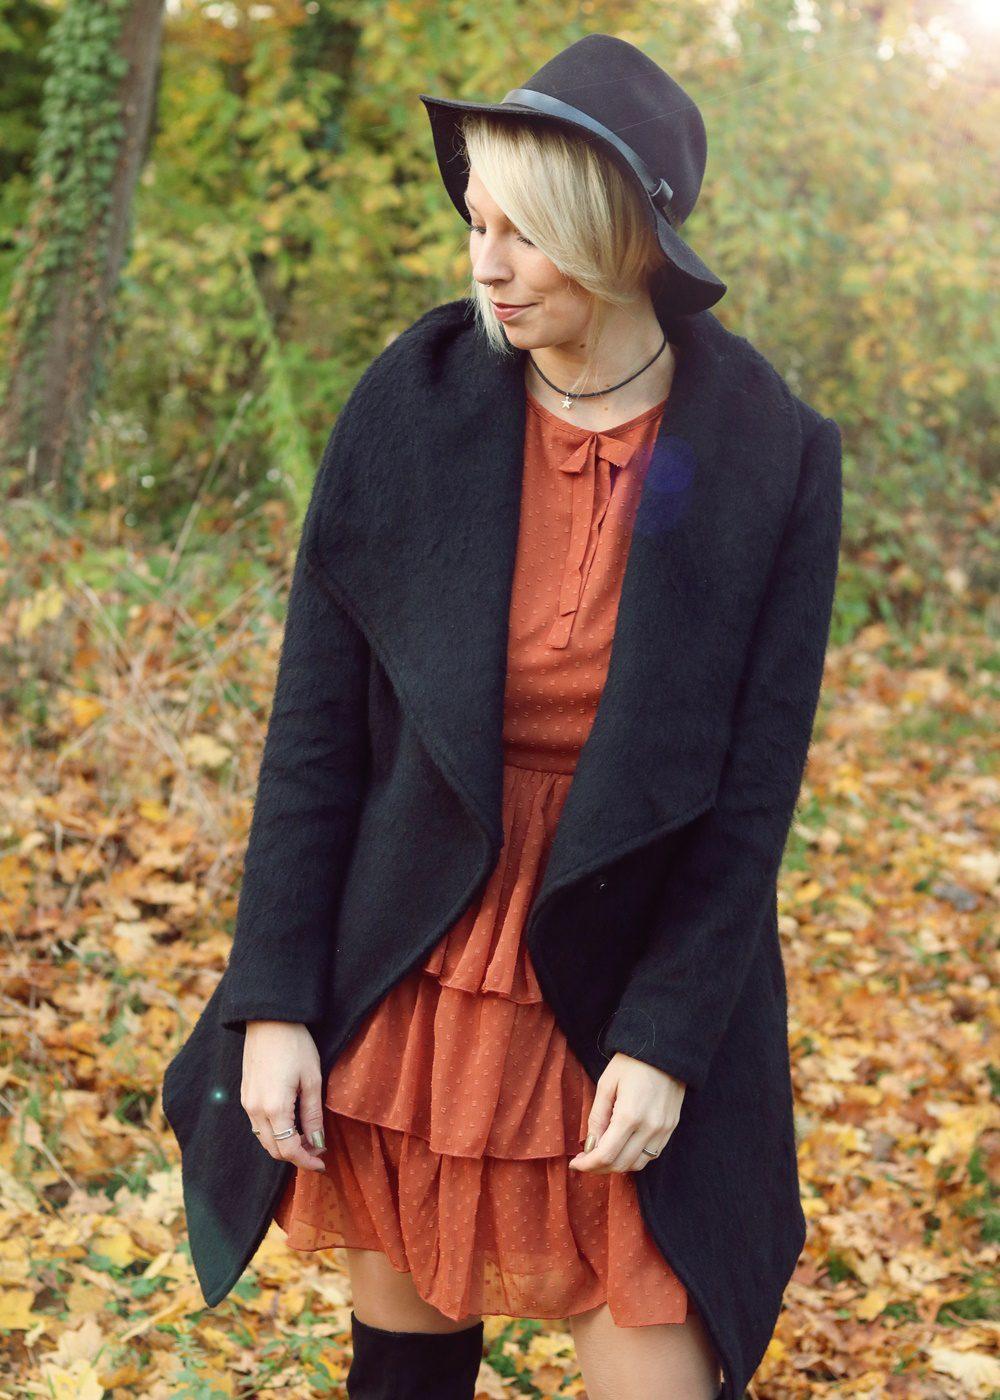 modeblogger-karlsruhe-outfit-herbst-kleid-vero-moda-rostrot-schwarzer-mantel-overknees-13-von-27